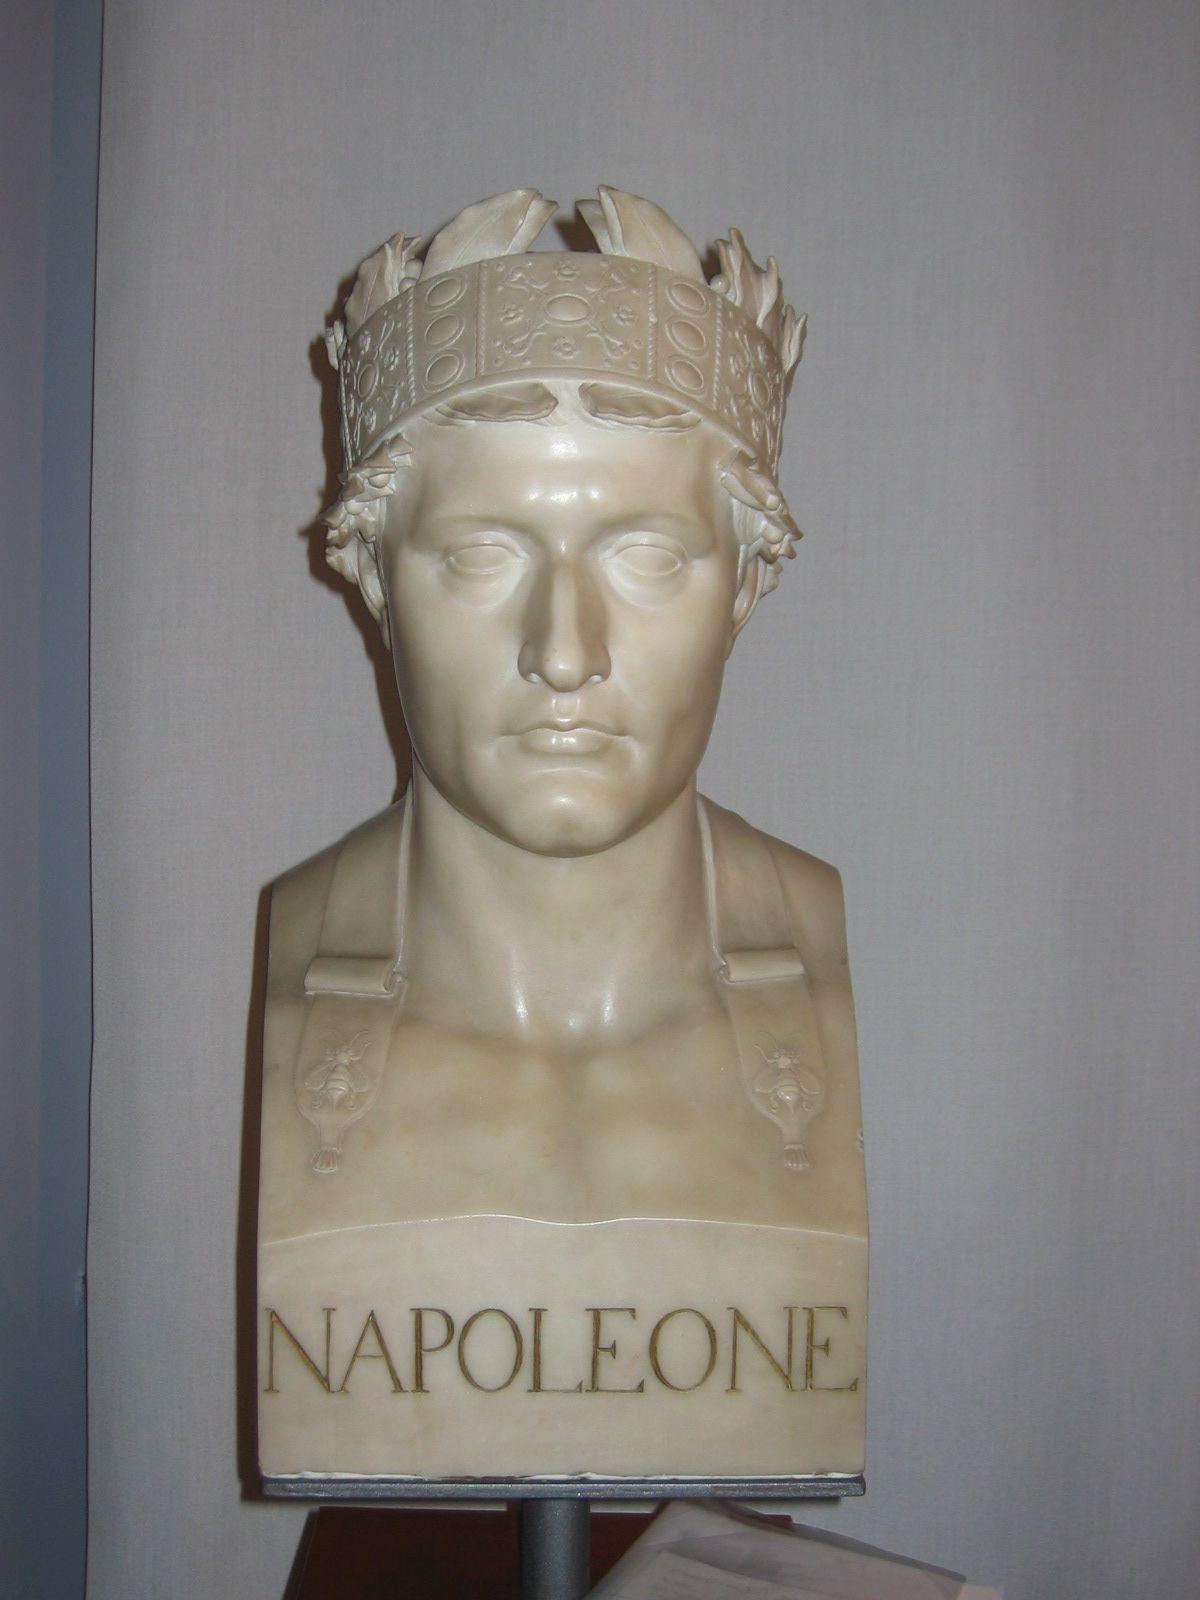 milano_museo-risorgimento_Giovan Battista Comolli, Erma di Napoleone I Re d'Italia_foto-comune-milano